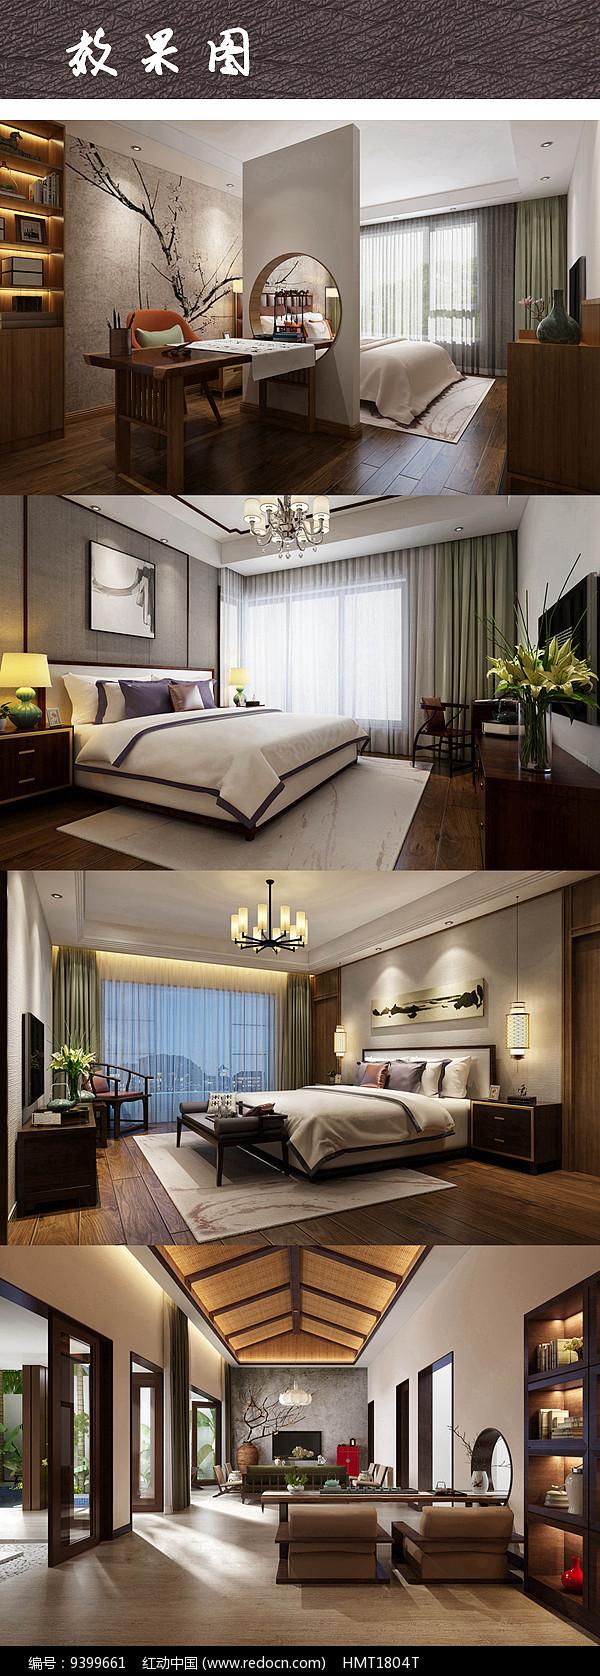 现代中式别墅三室一厅效果图图片